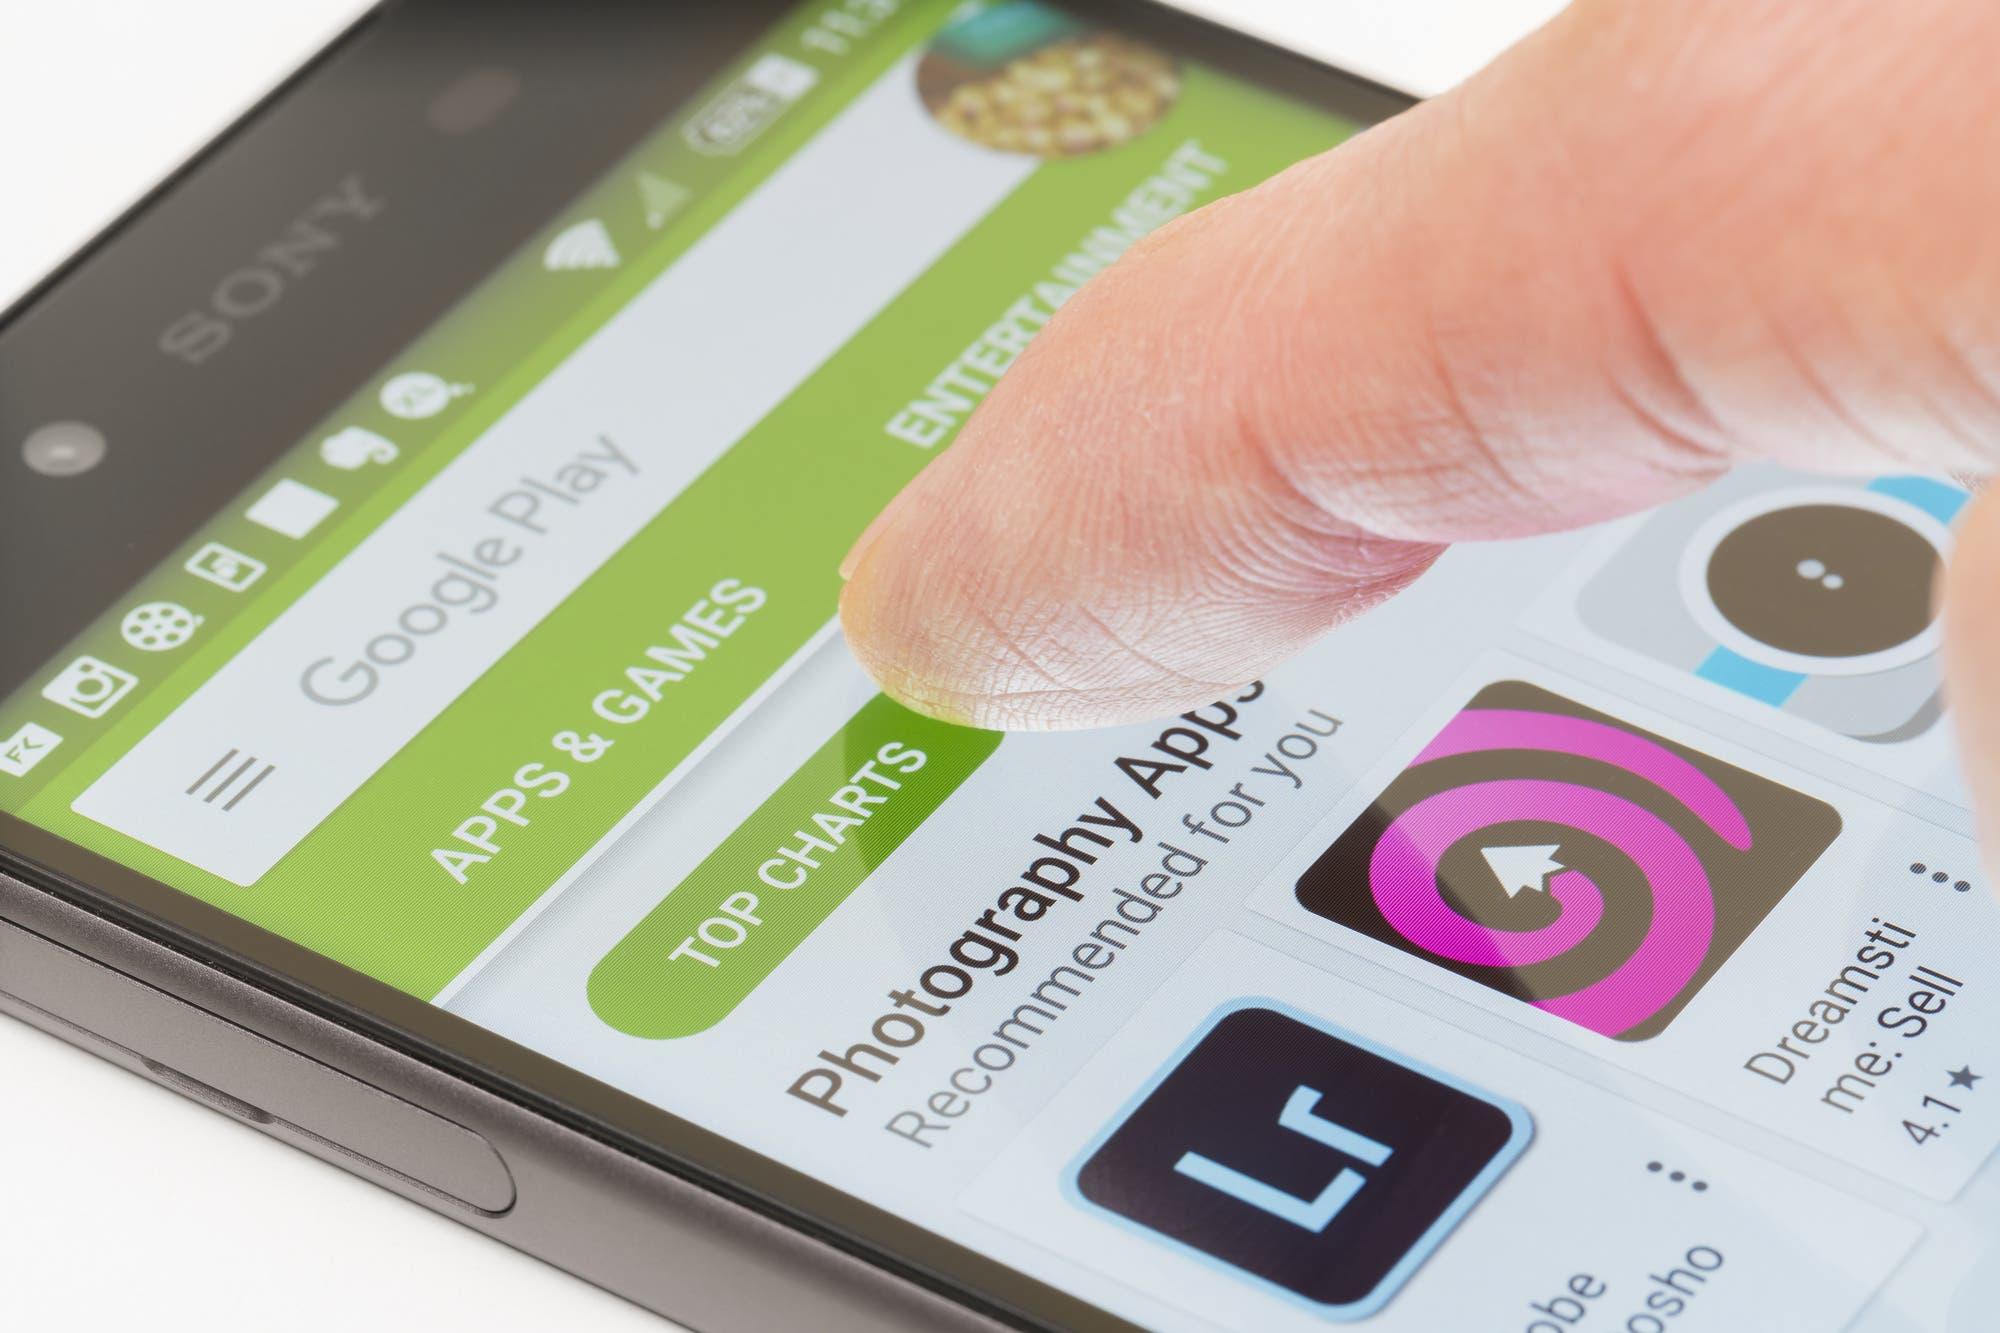 Lo mejor de 2019: Google Play Store presentó las apps elegidas por los usuarios de Android